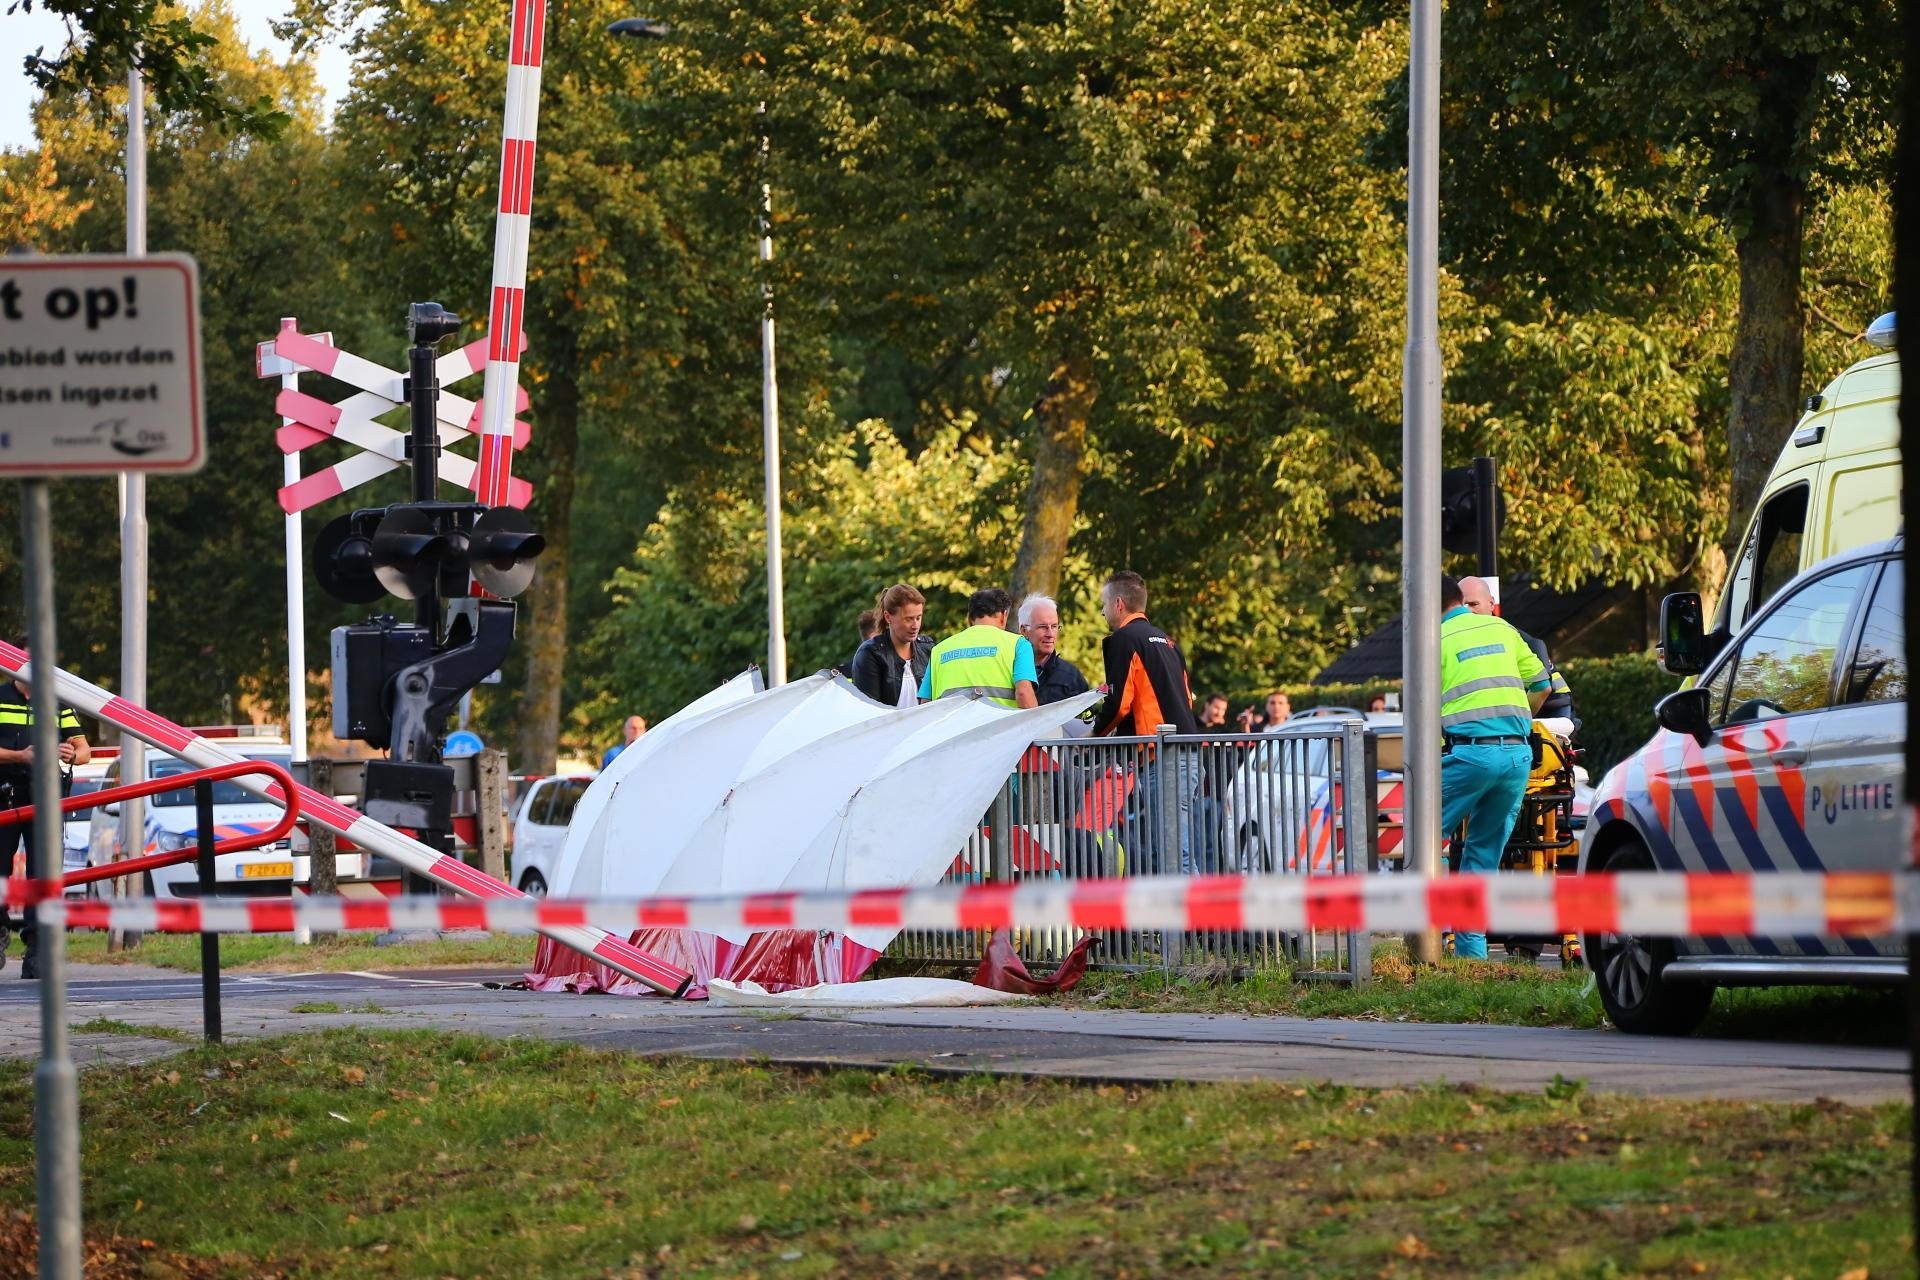 1fe017ec597 Elektrische bakfiets botst op trein: 4 kinderen overleden ...